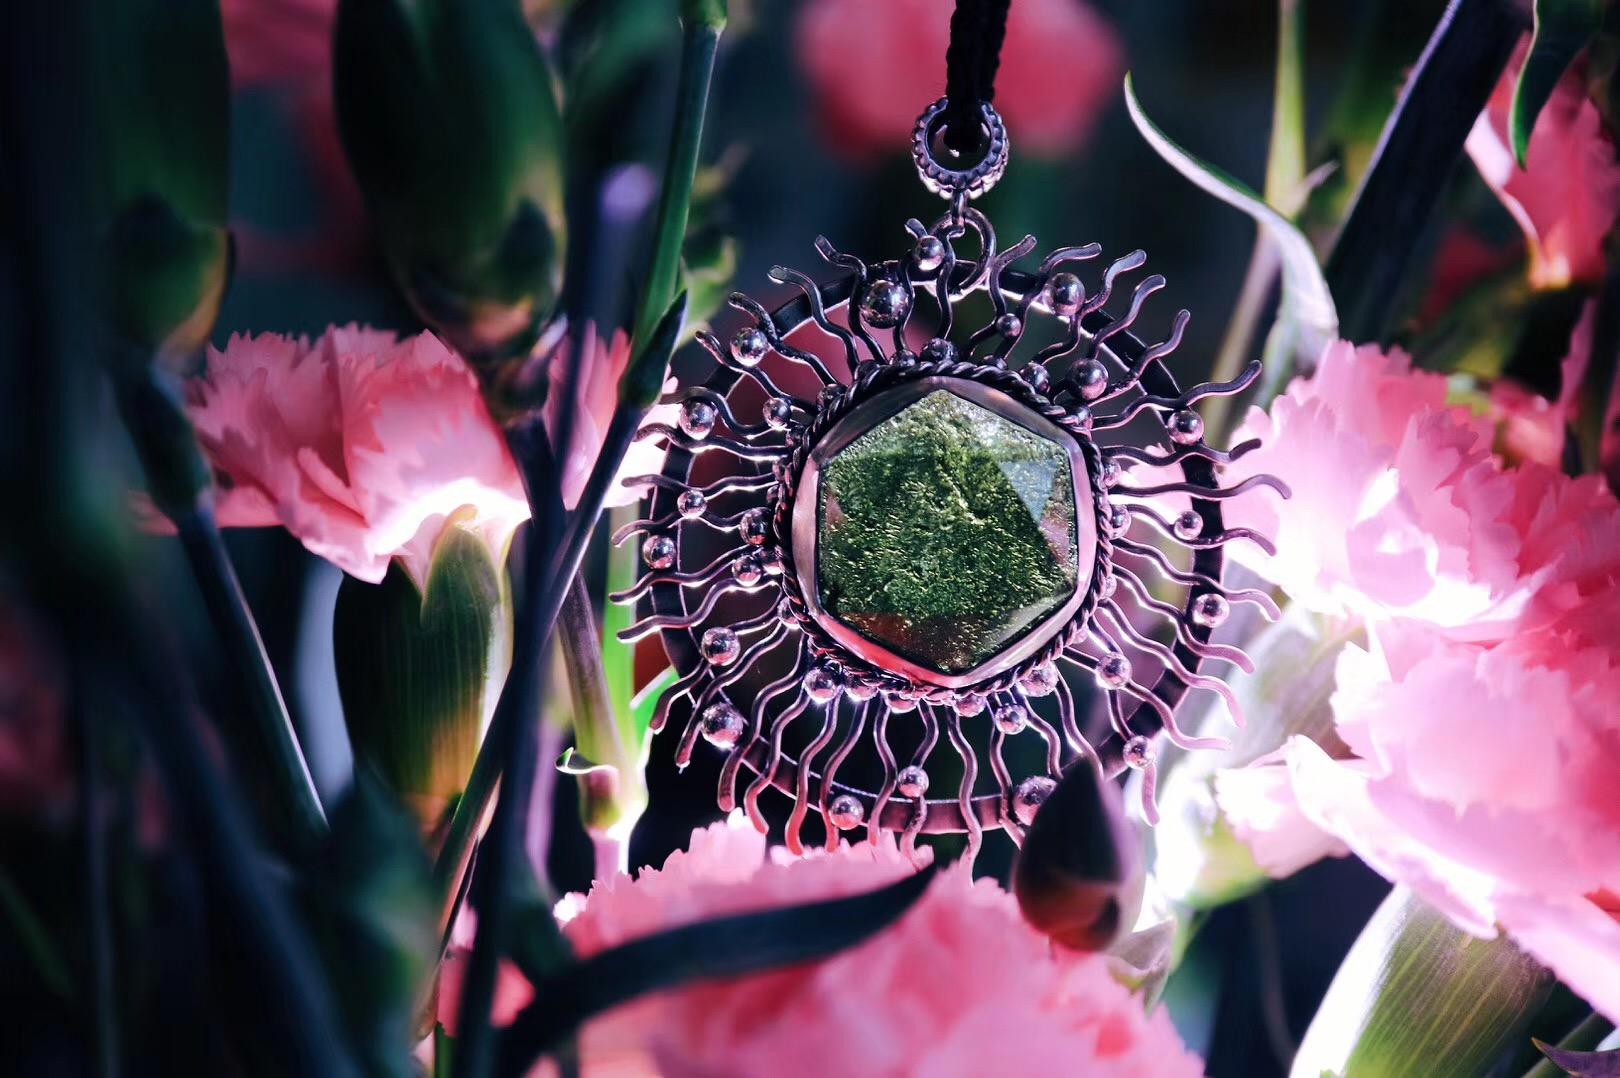 """【菩心-捷克陨石】这一枚梅尔卡巴&捷克陨石的设计,我称他为""""永恒""""-菩心晶舍"""